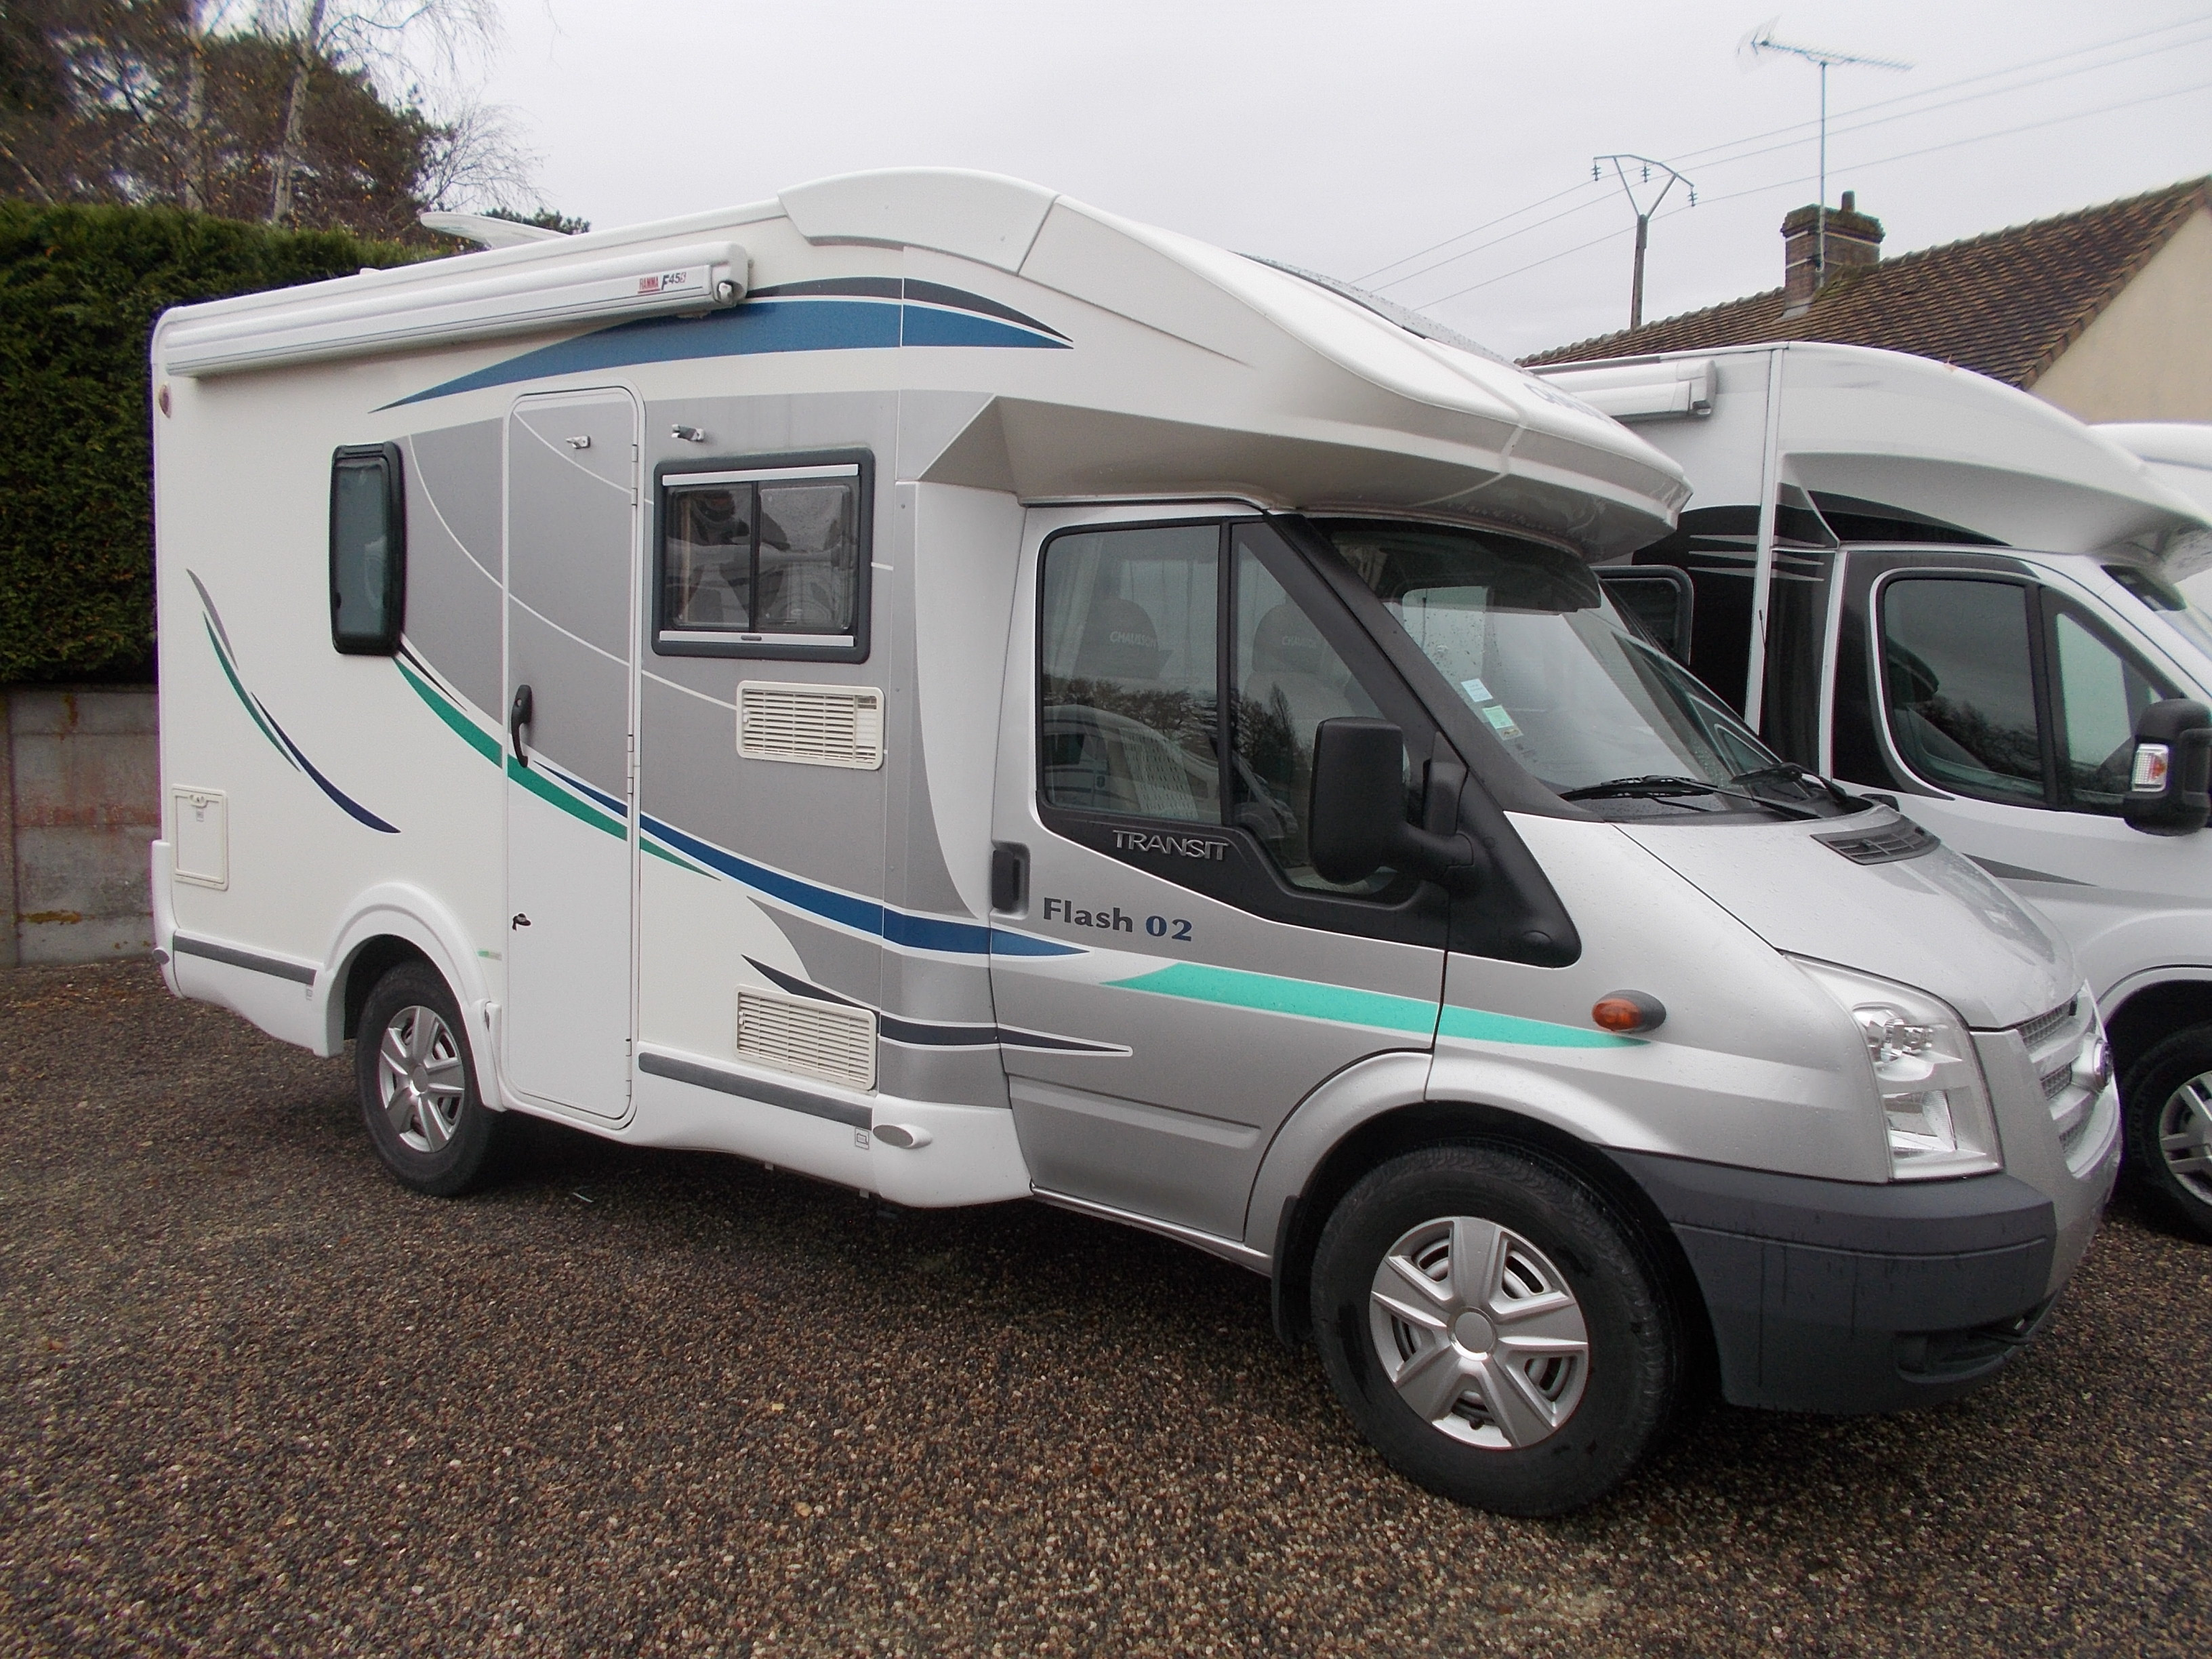 chausson flash 2 occasion de 2013 - ford - camping car en vente  u00e0 la commodite  loiret